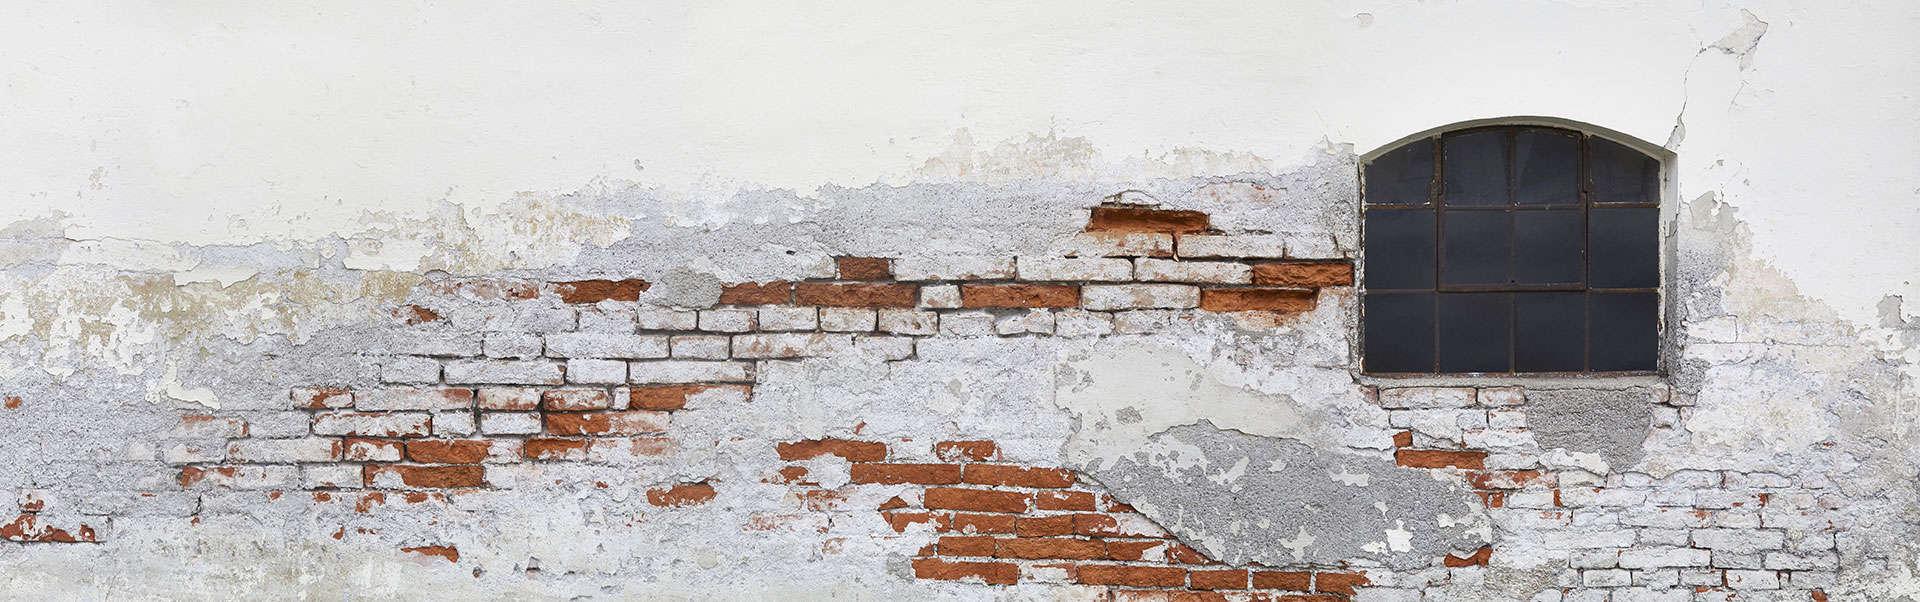 Risse im Mauerwerk - Welche Versicherung zahlt?